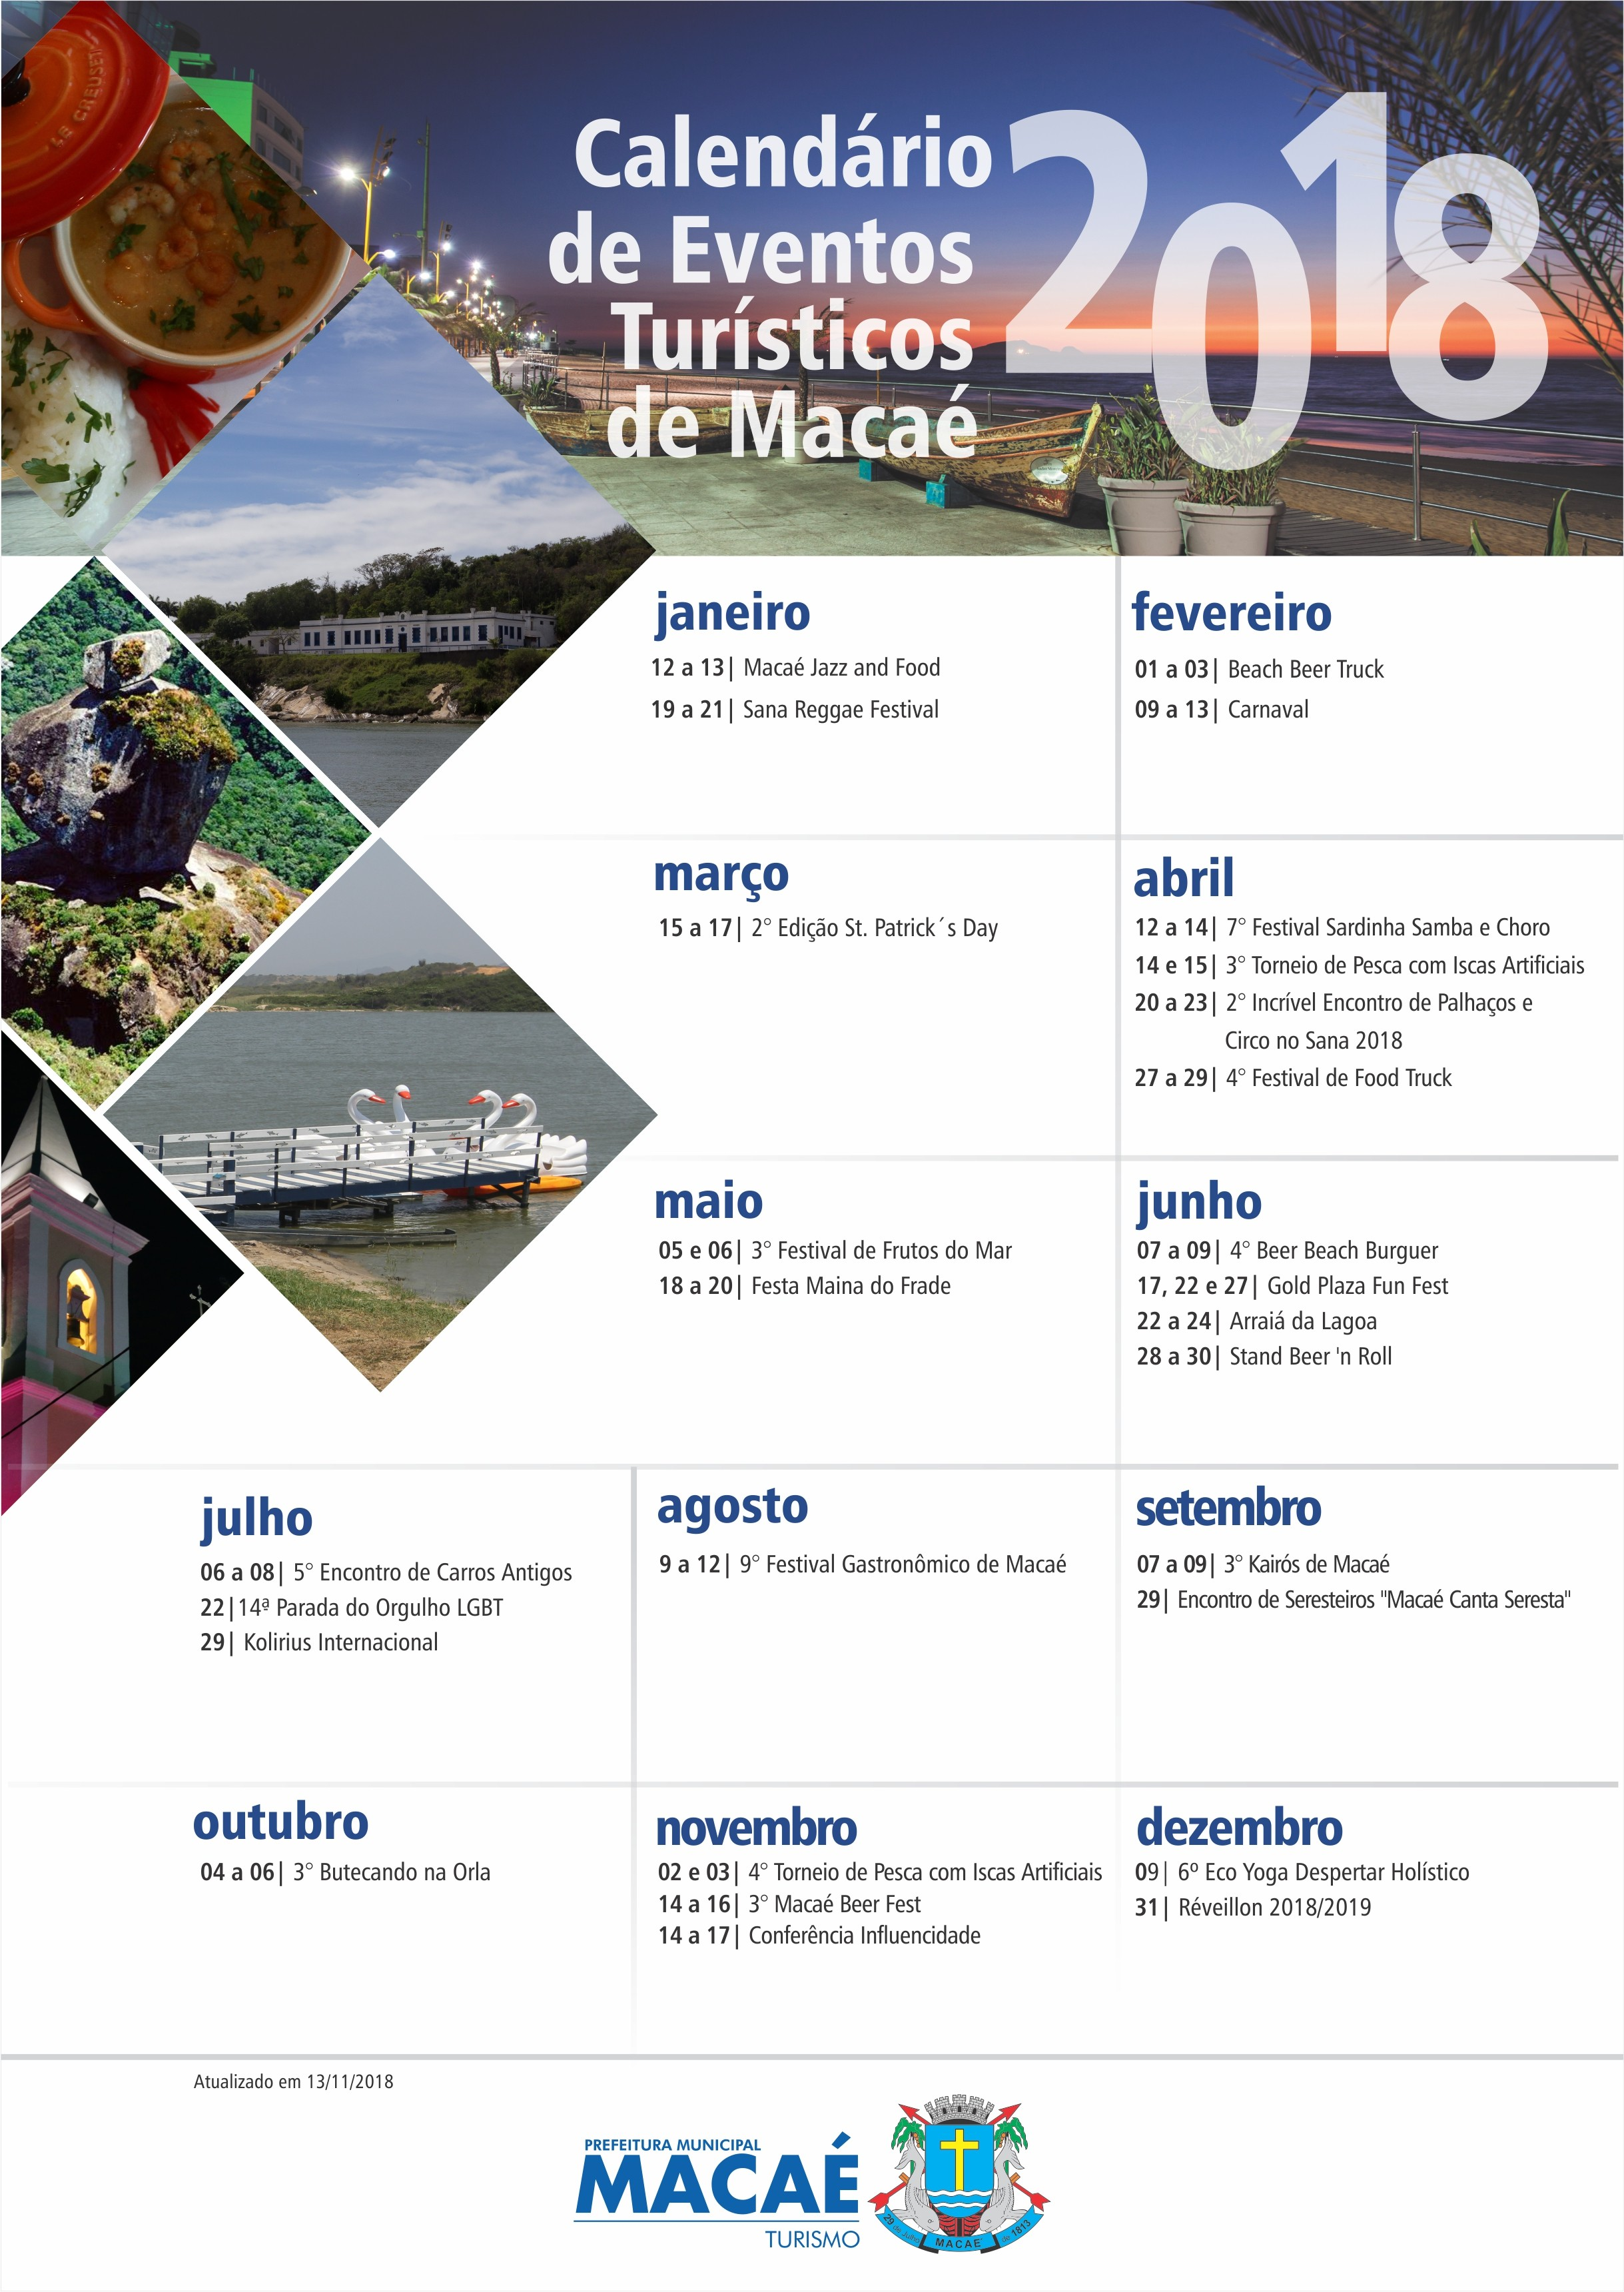 Calendario 2019 Carnavales Más Actual Index Of Midia Of Calendario 2019 Carnavales Más Populares Tiene Lugar Entre Julio Dogmagazine